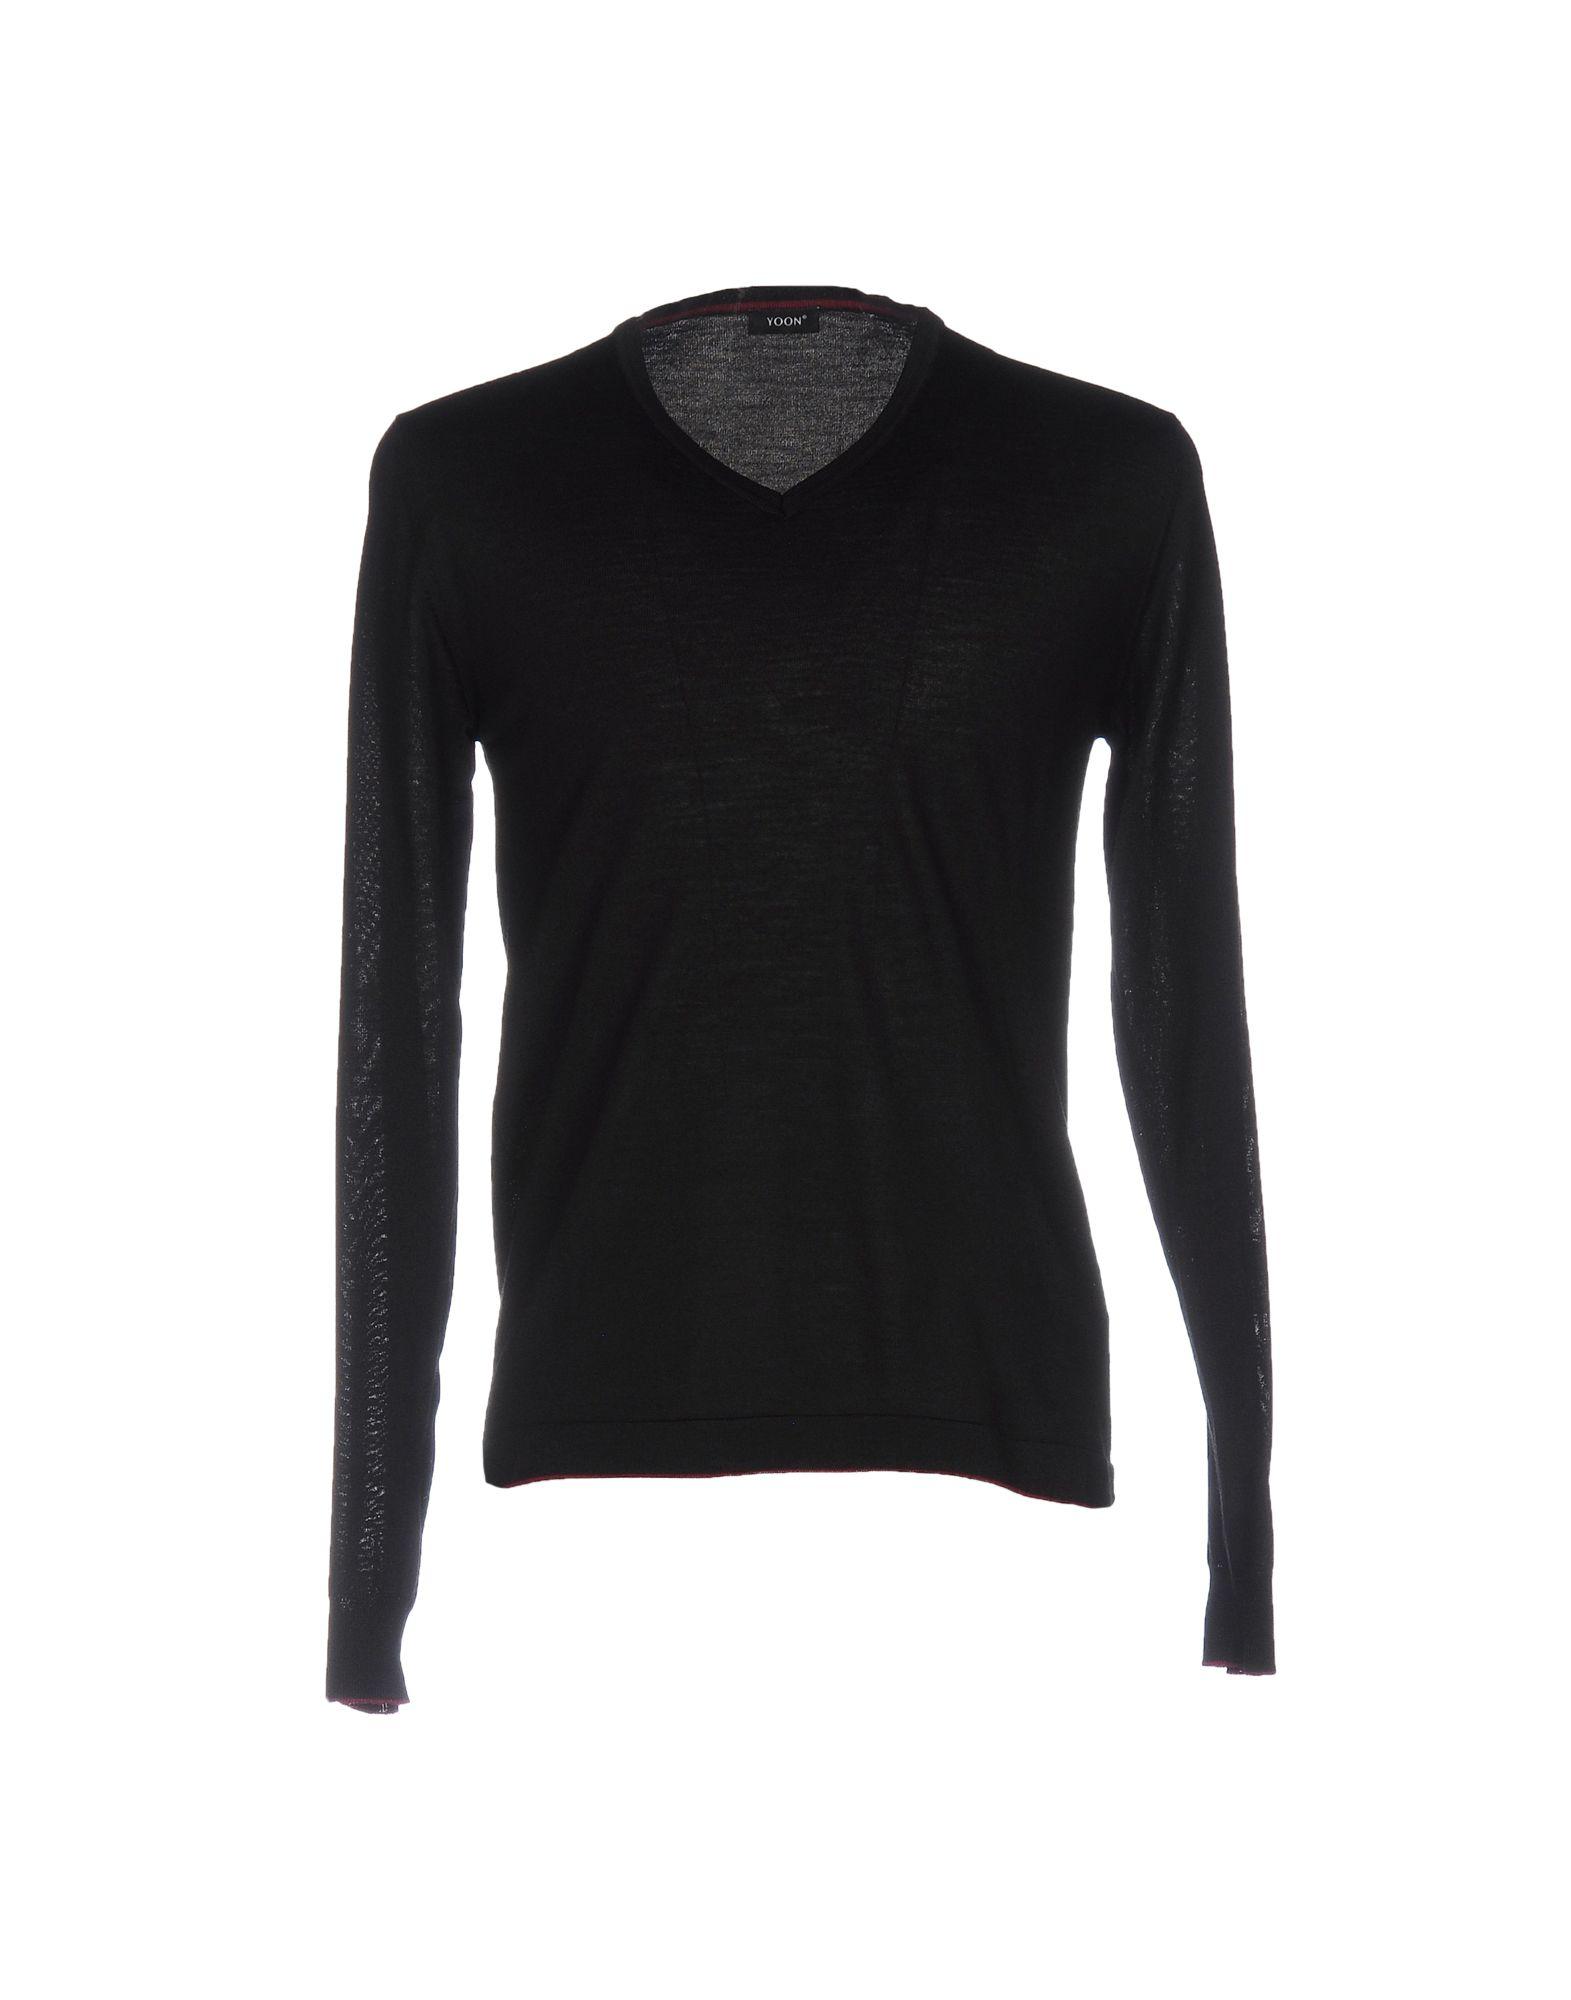 YOON Herren Pullover Farbe Schwarz Größe 4 jetztbilligerkaufen